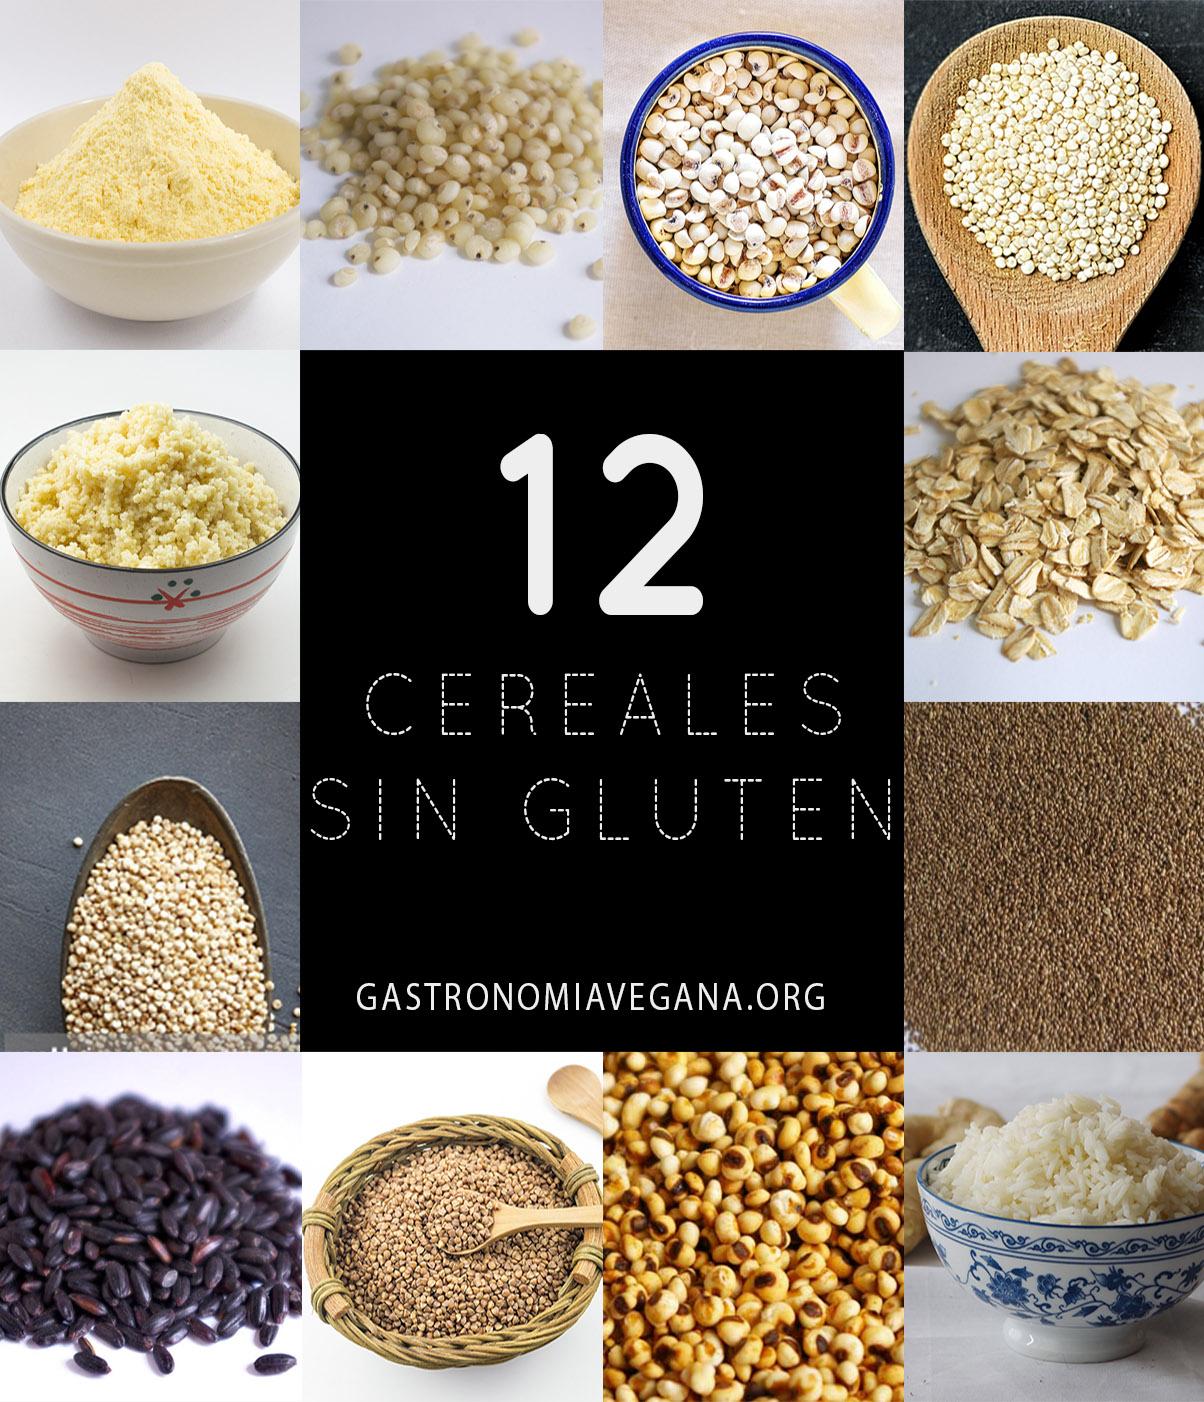 12 cereales sin gluten - tipos, recetas, tips, etc.